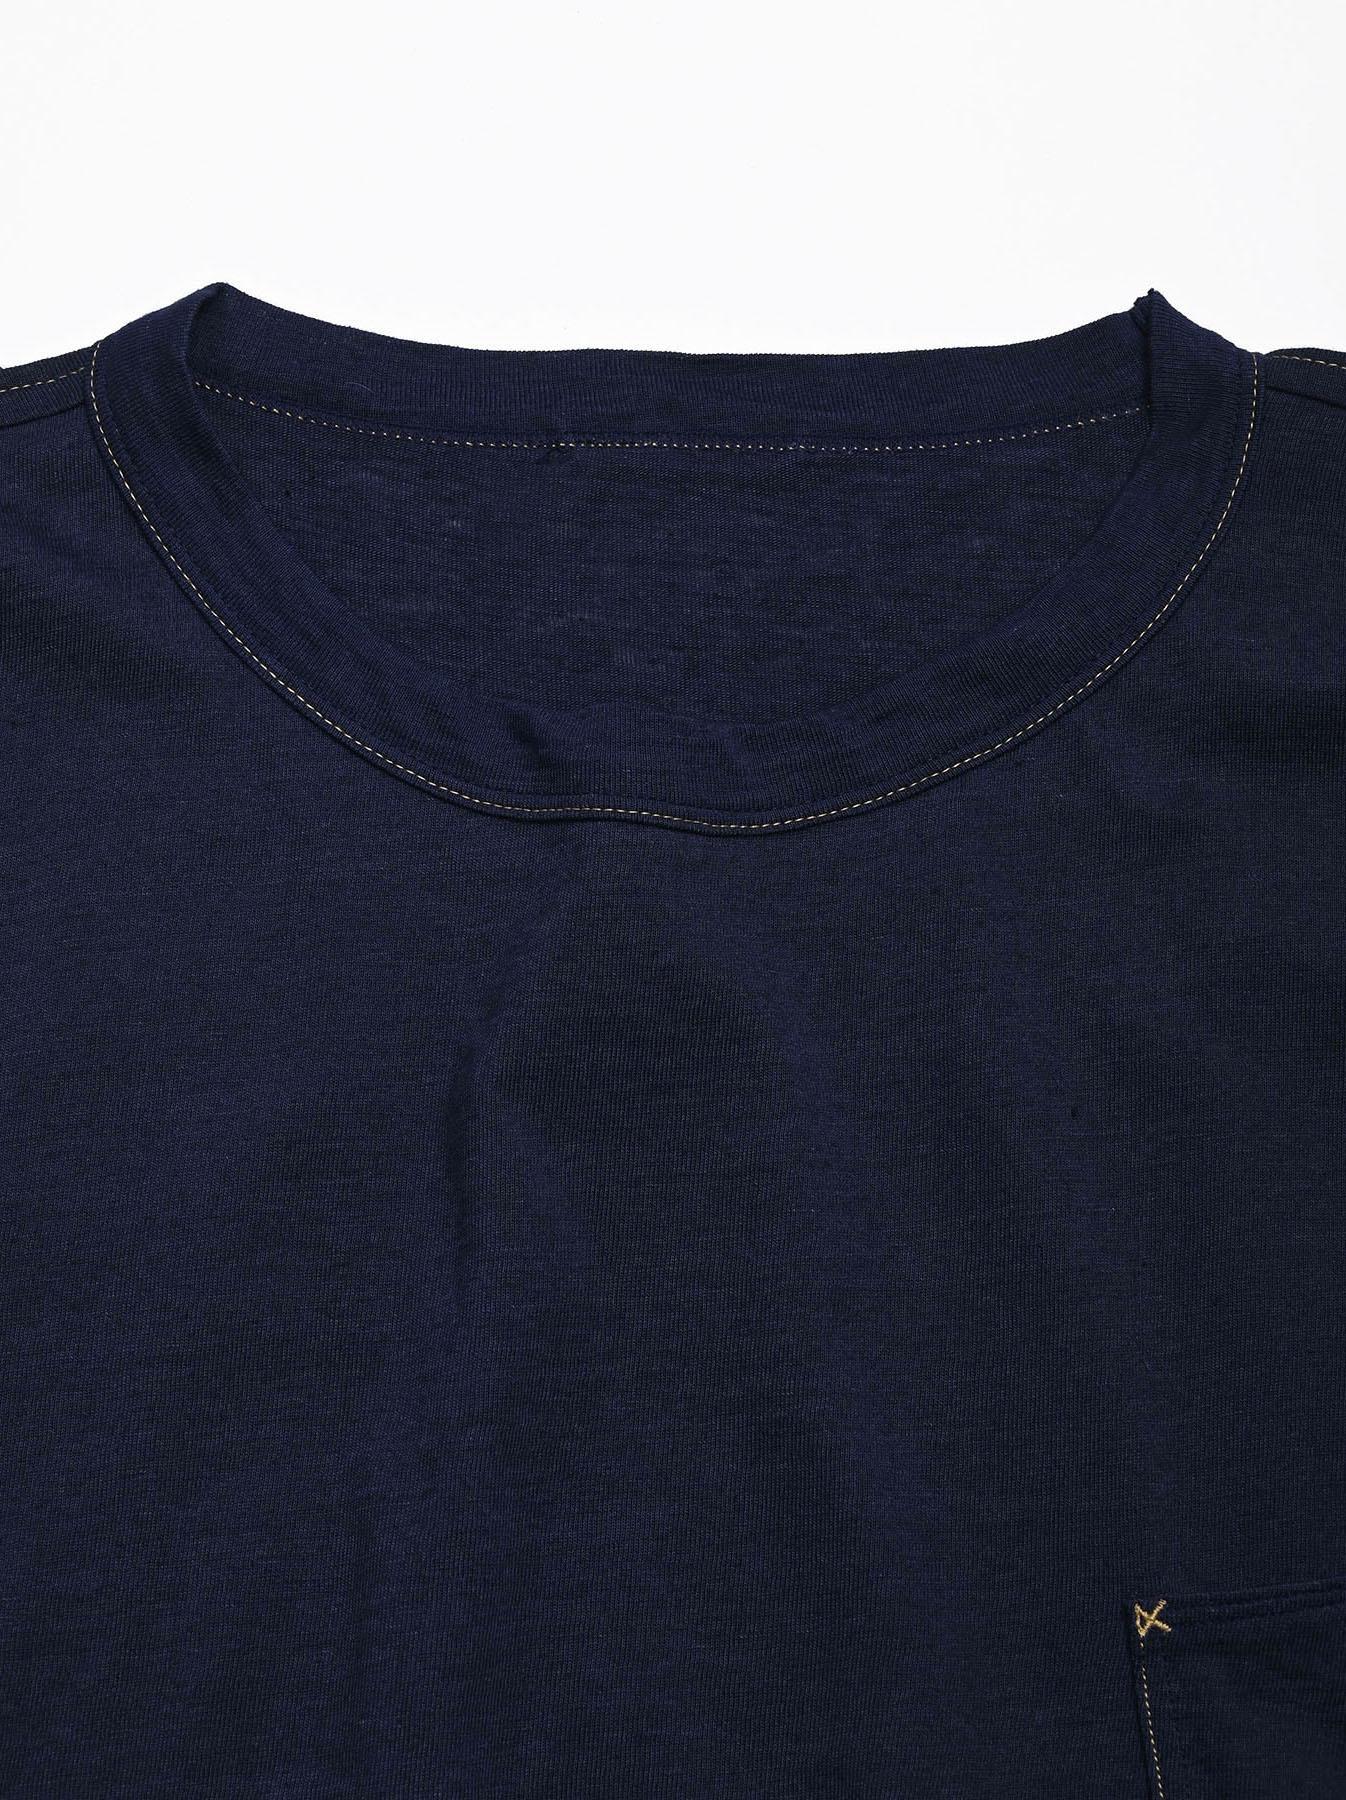 Indigo Tenjiku 908 Ocean T-Shirt (0621)-7